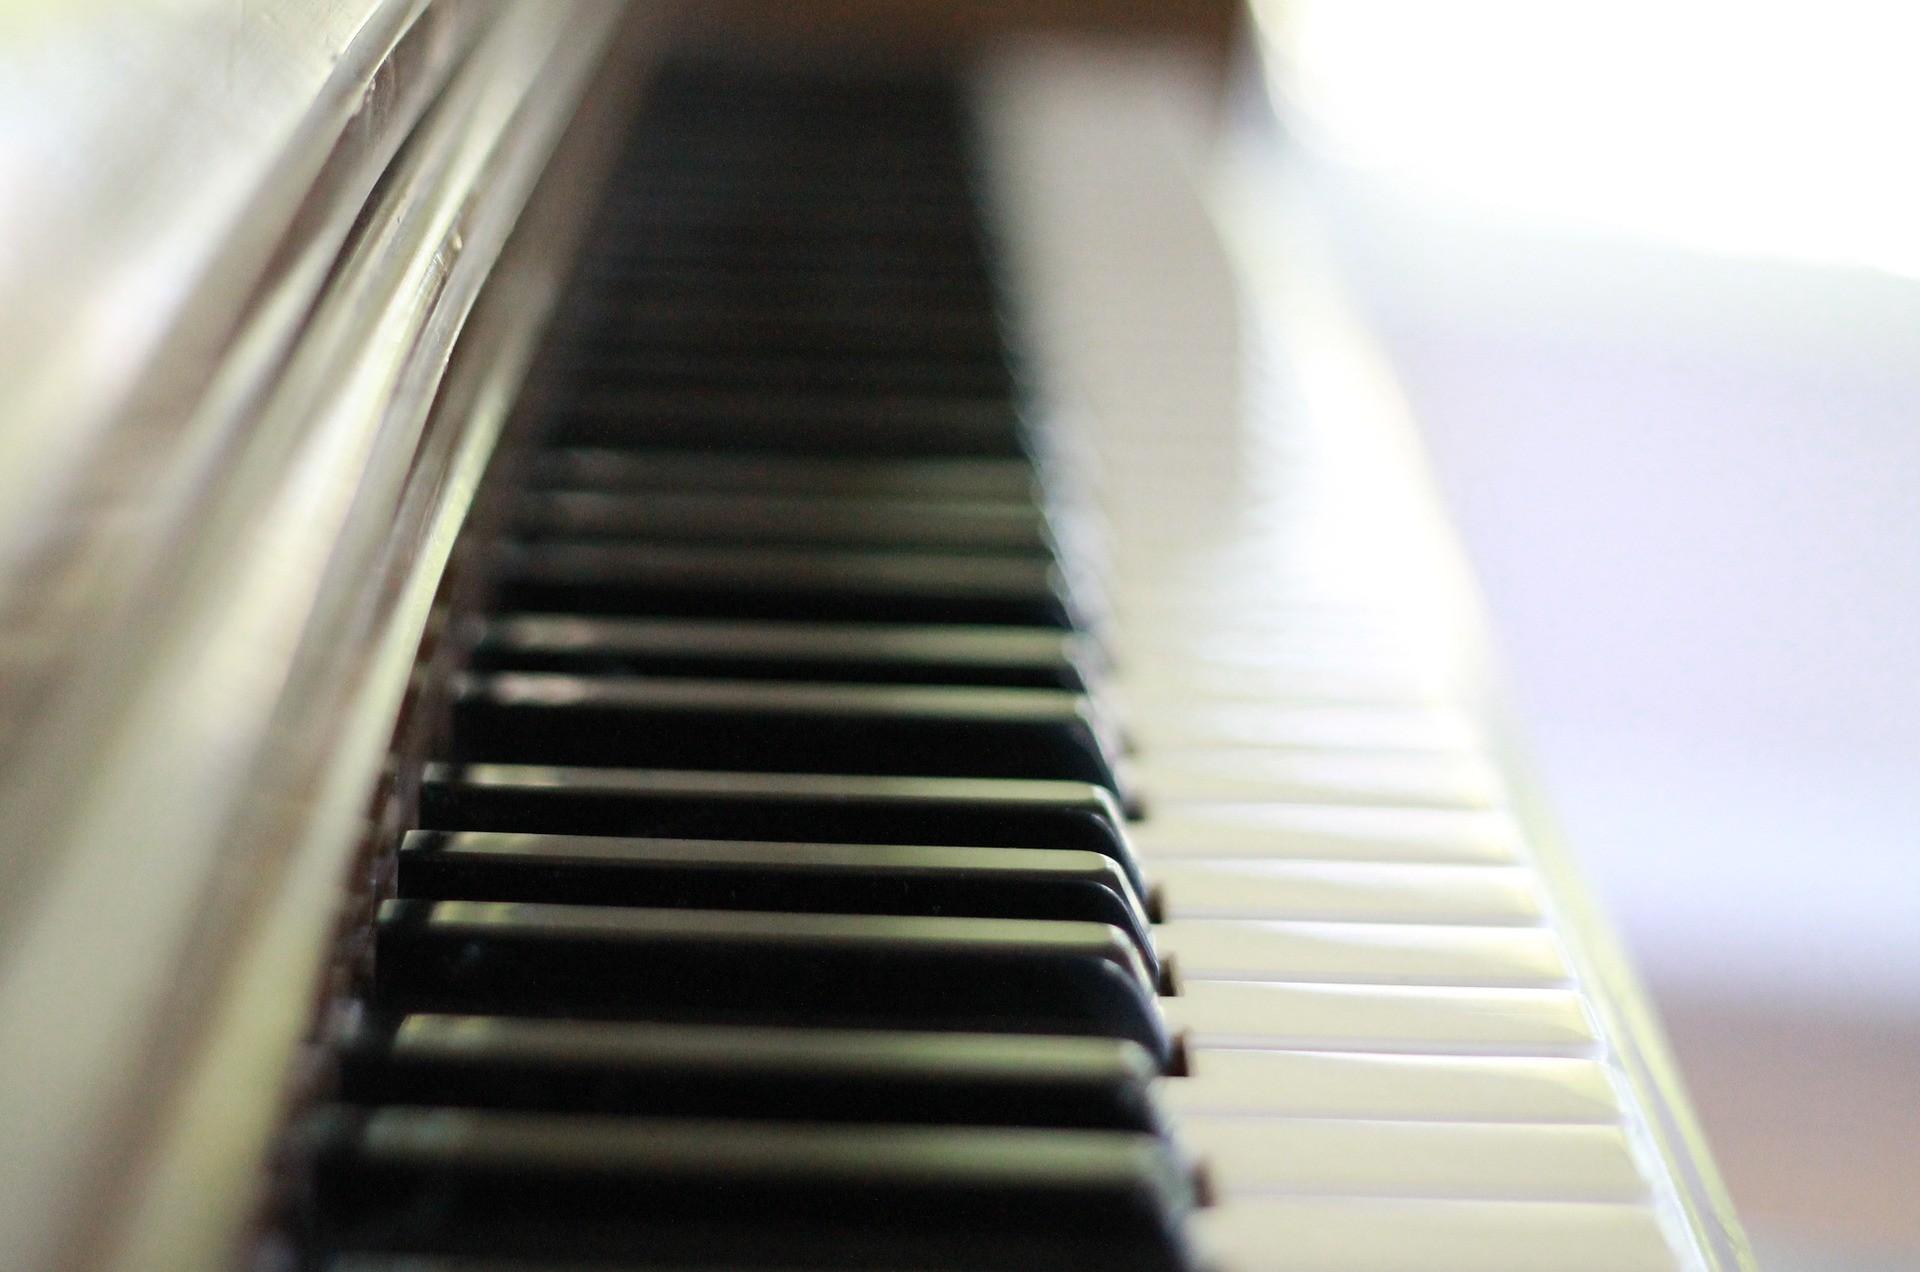 piano-keys-756954_1920